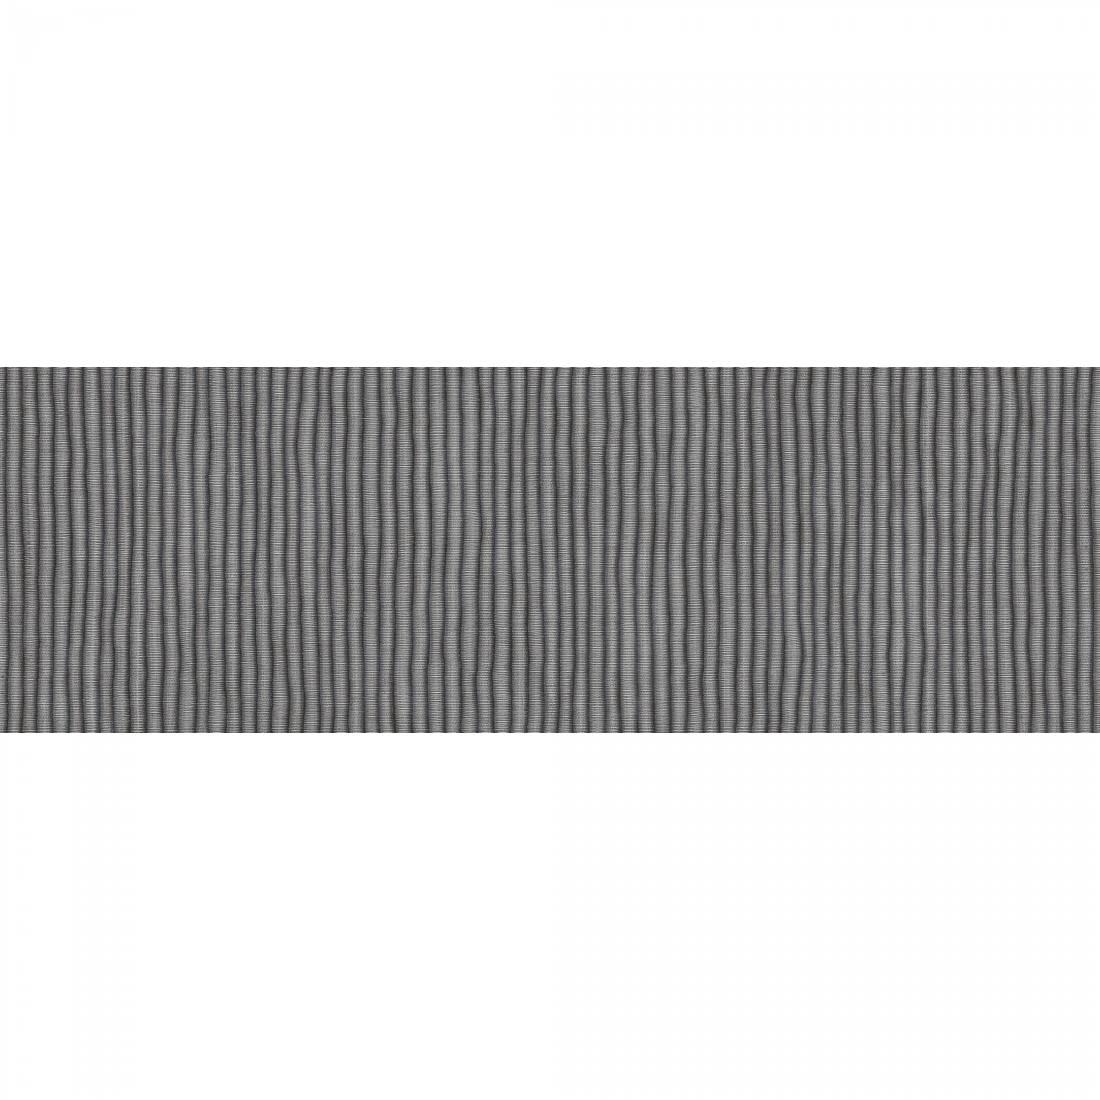 Aranda 30x90 Grey Gloss 1